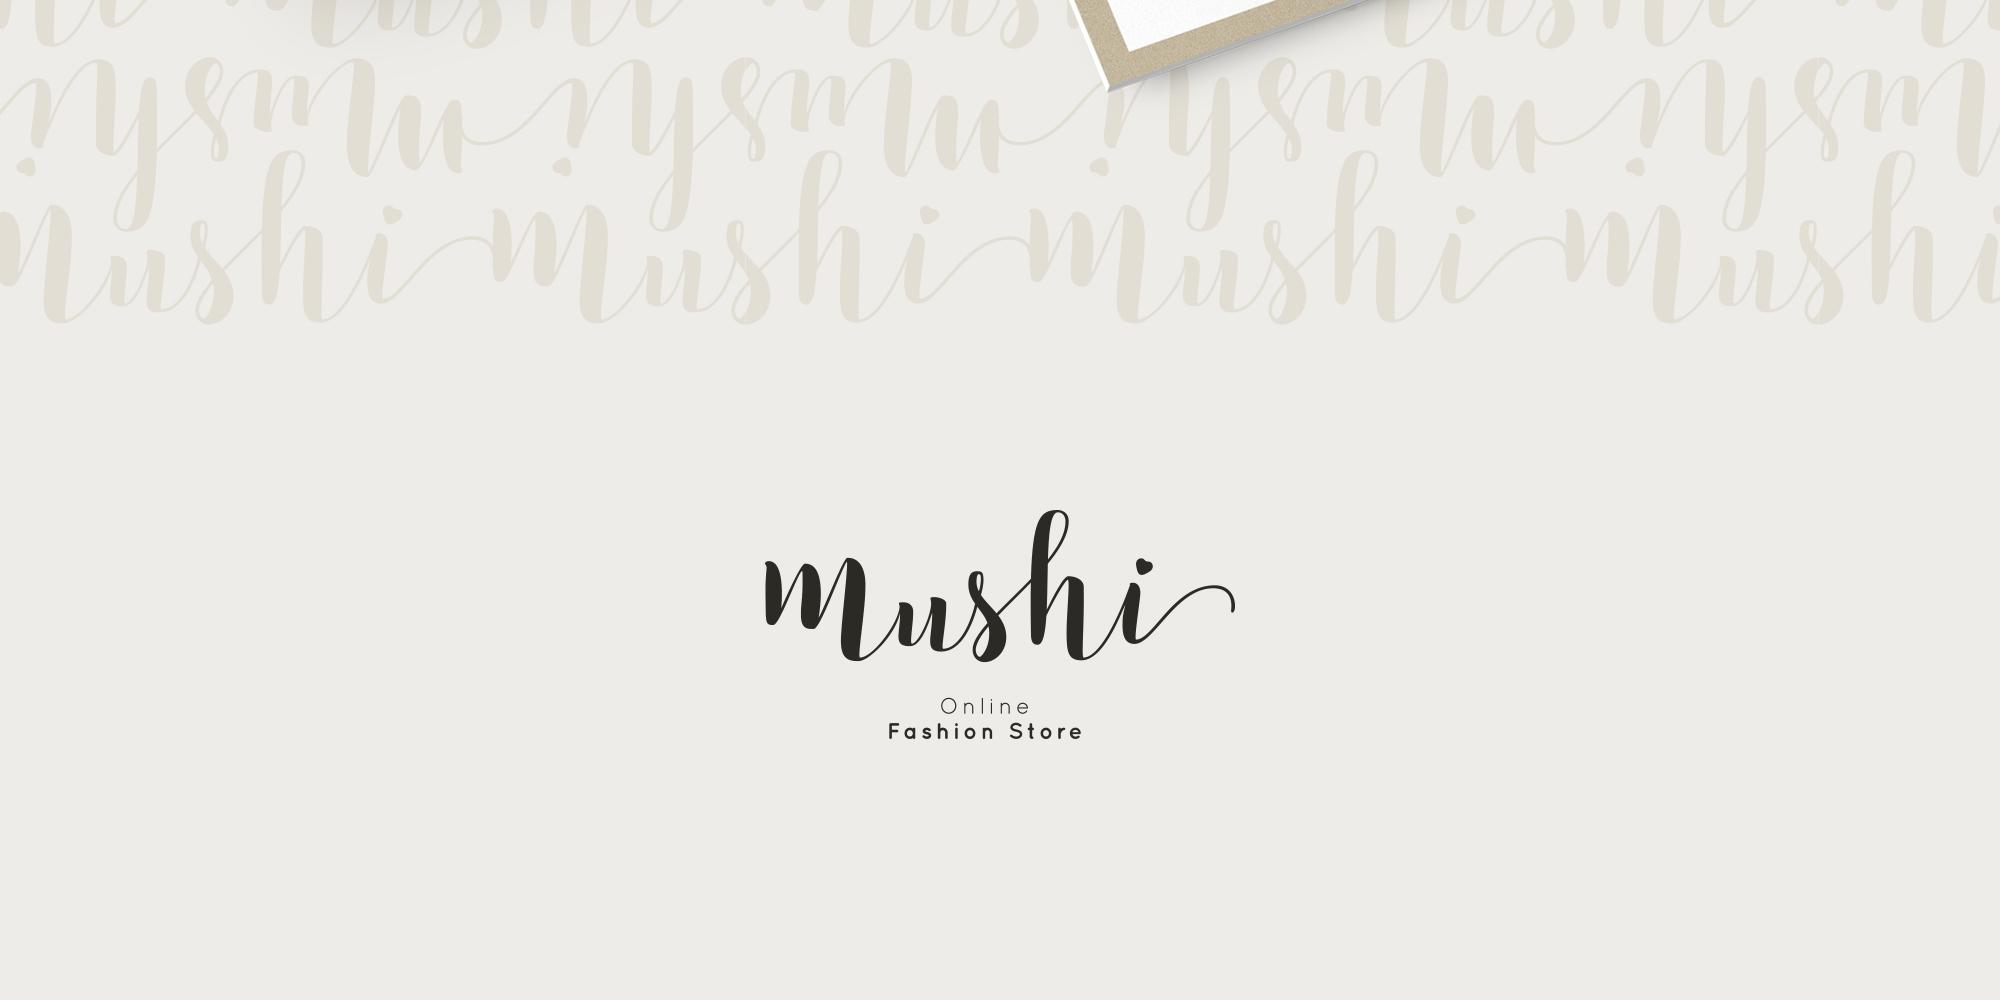 mushi-08